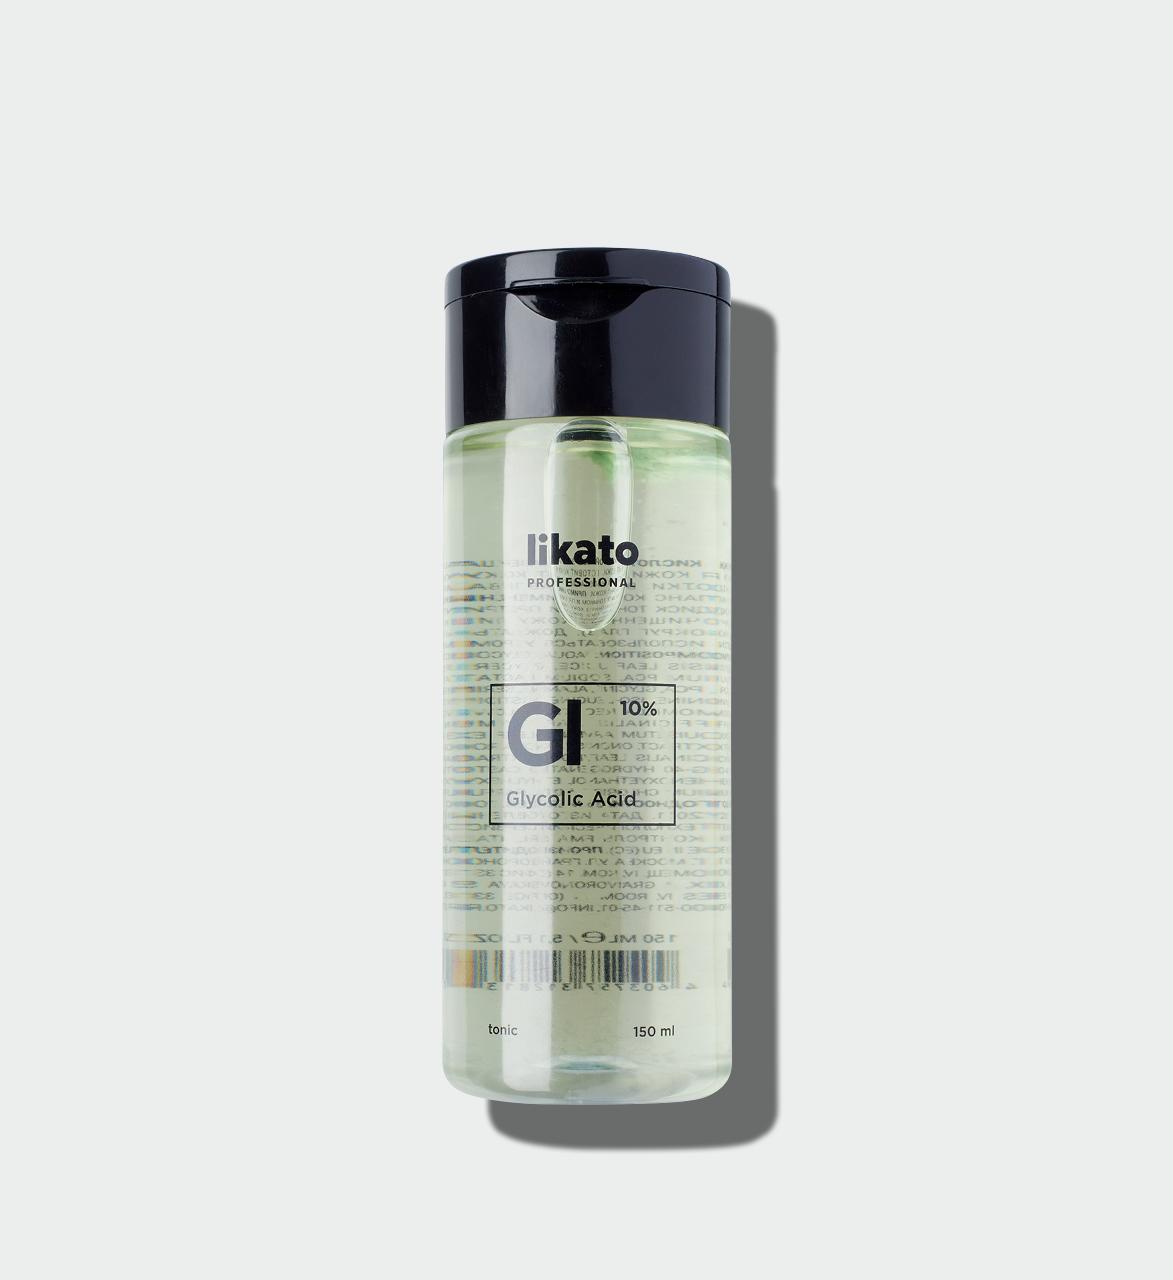 гликолевая кислота для кожи